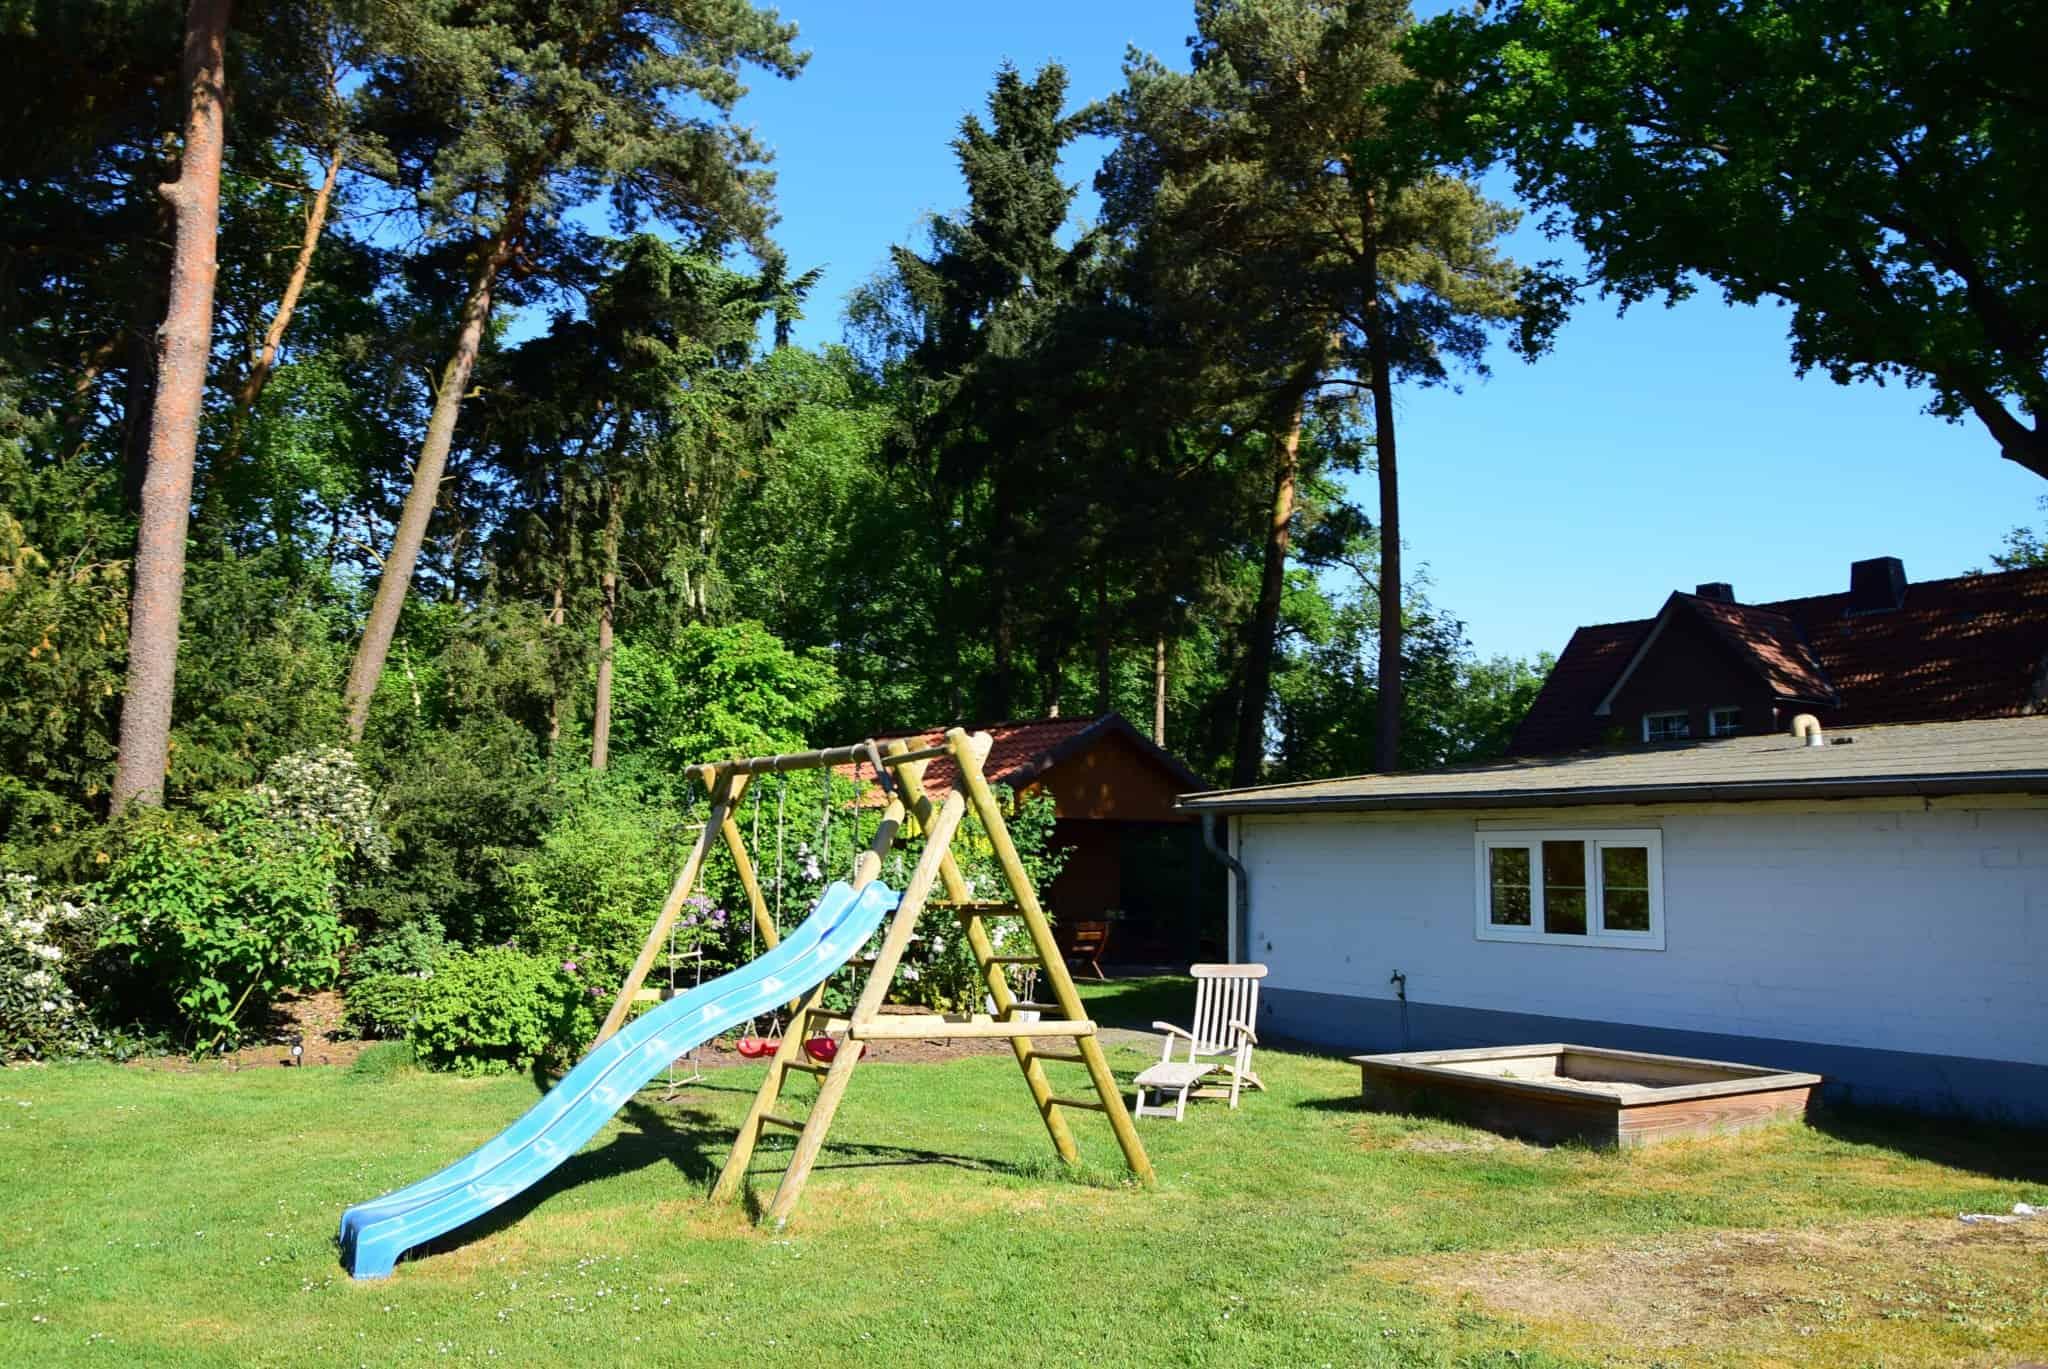 Für Kinder gibt es neben der Liegewiese einen großen Spielplatz.